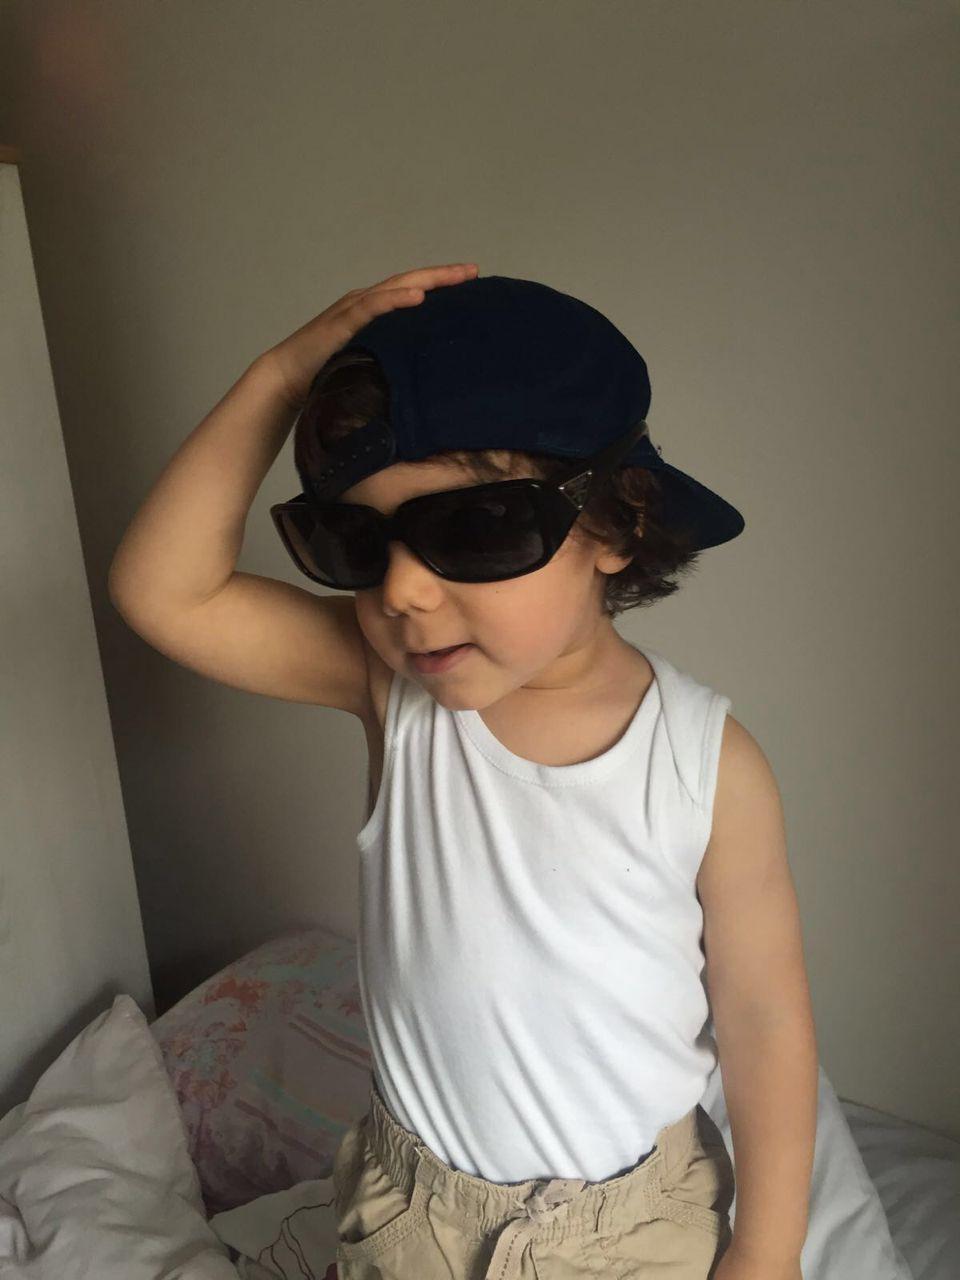 Meu neto Zack